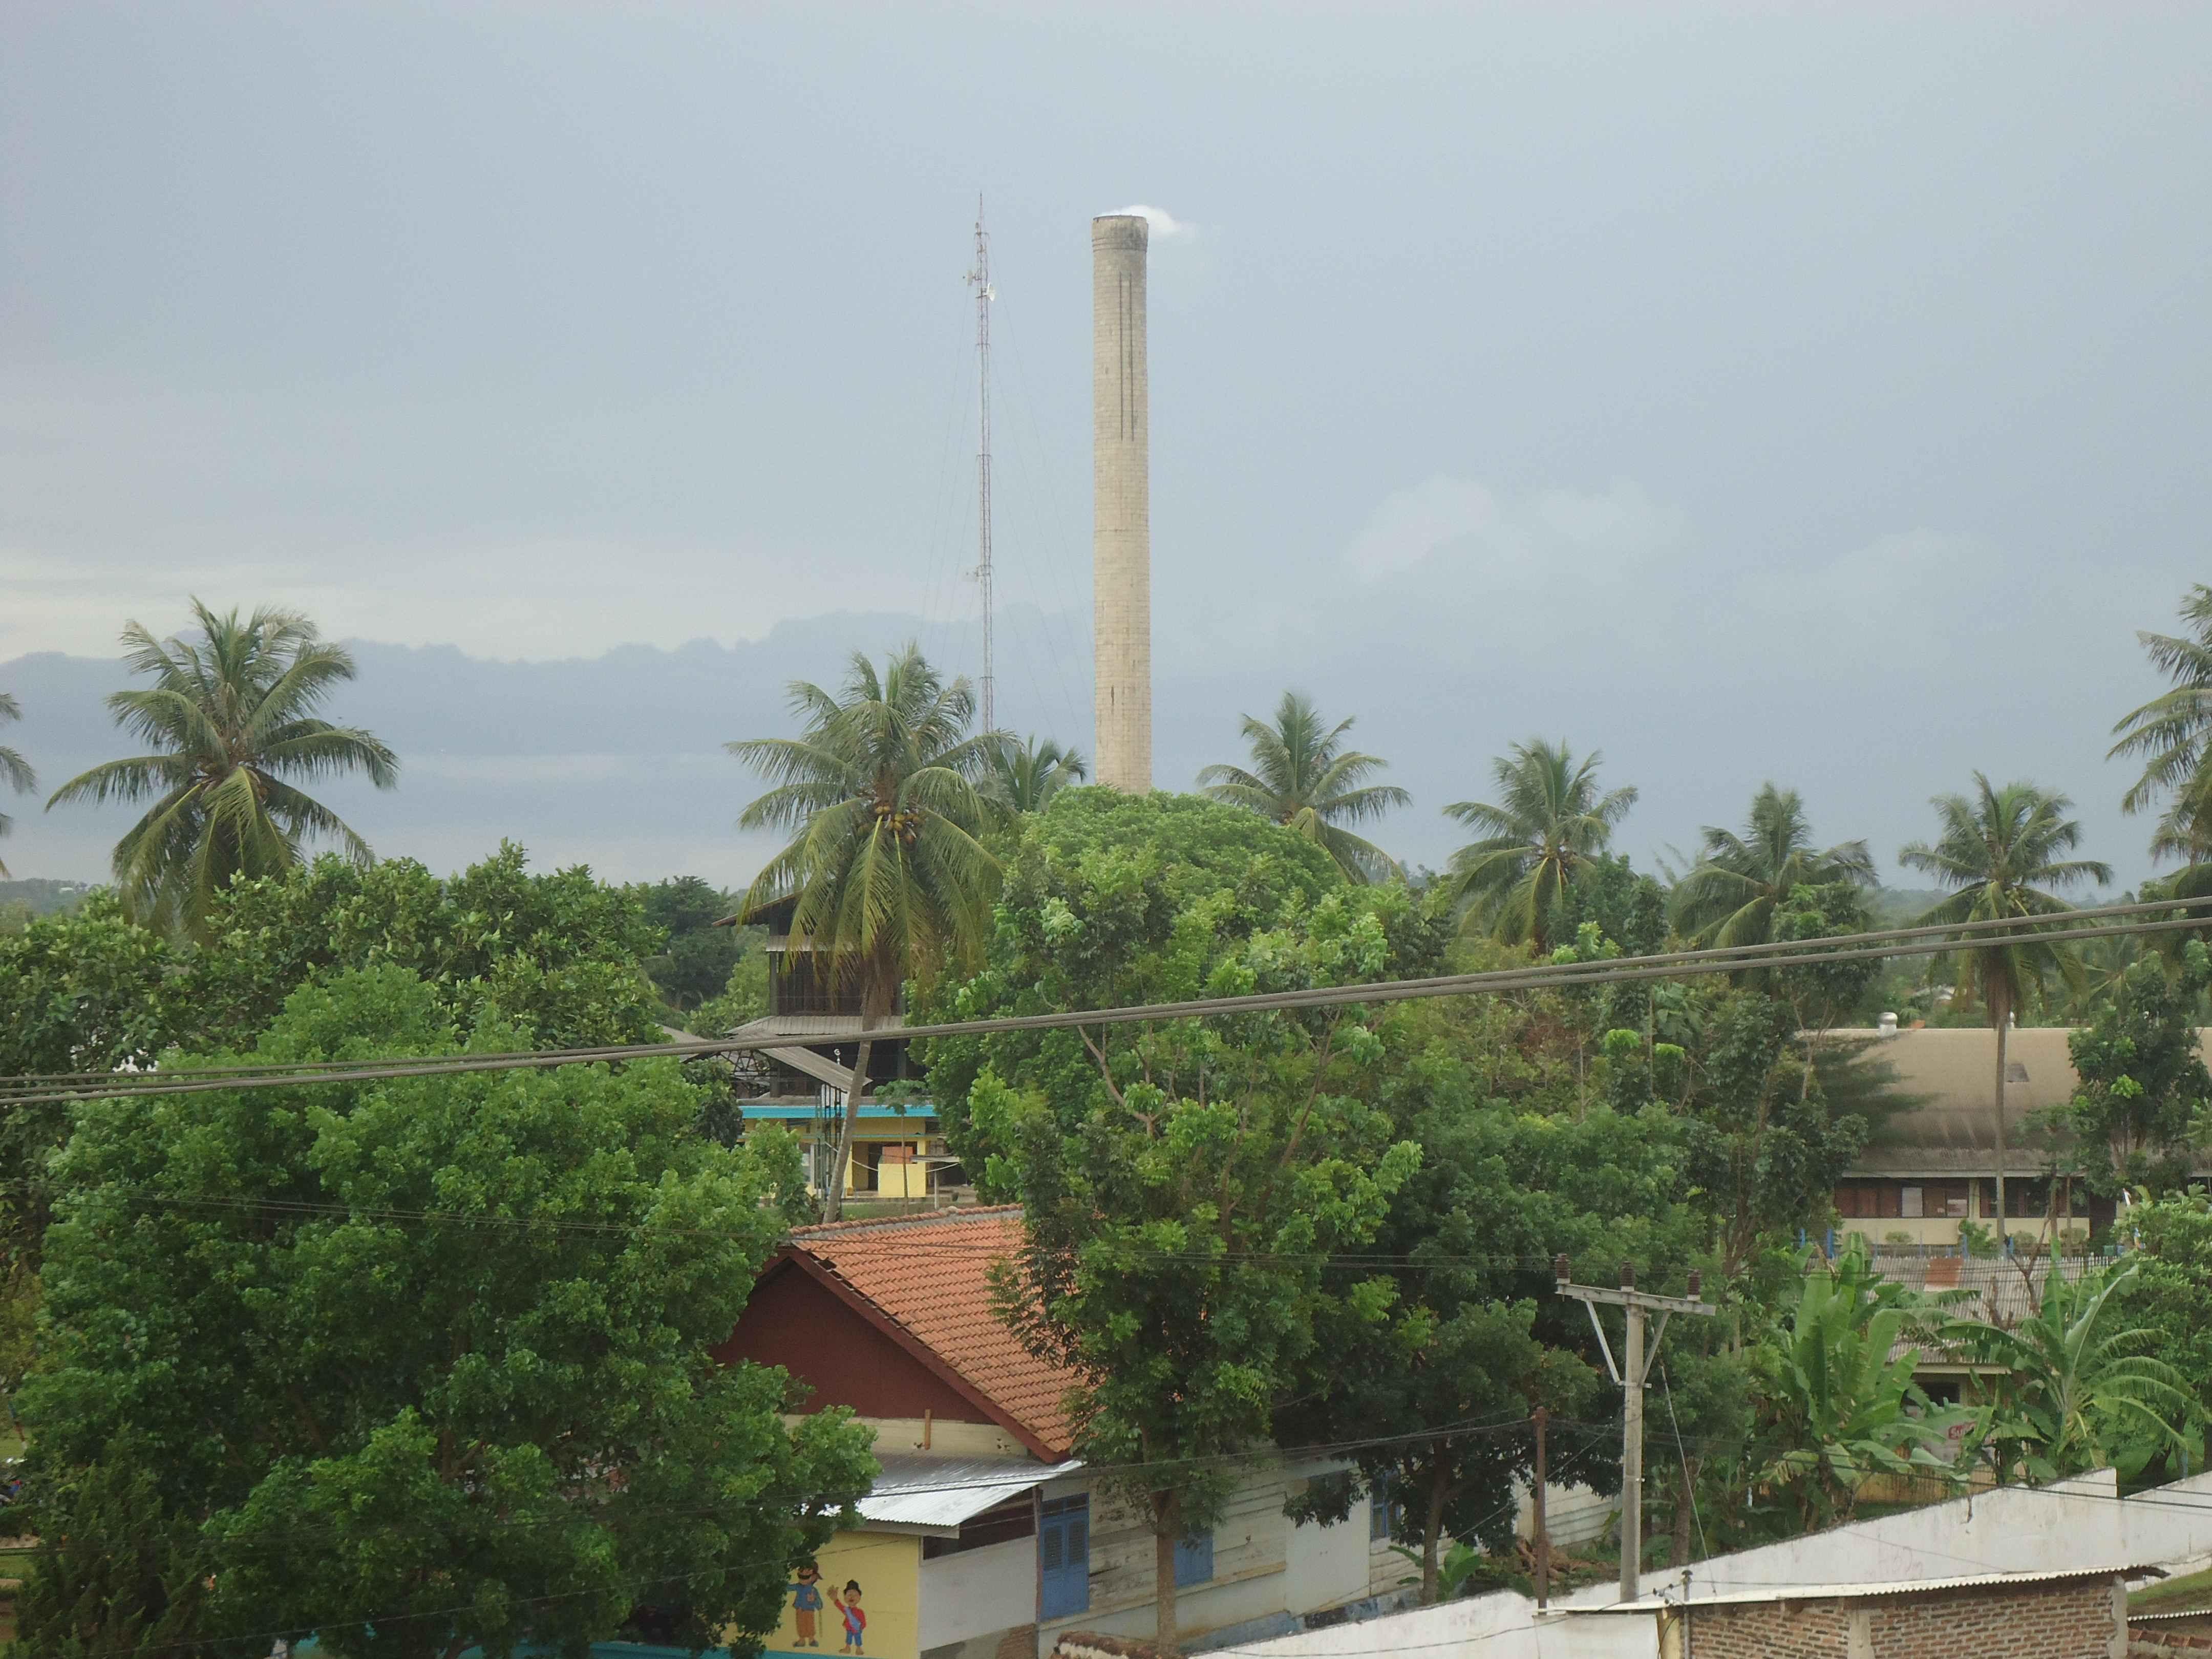 Pabrik Pengelolaan Sumber Daya Alam Getah Karet Di Provinsi Lampung Yang Tidak Ramah Lingkungan